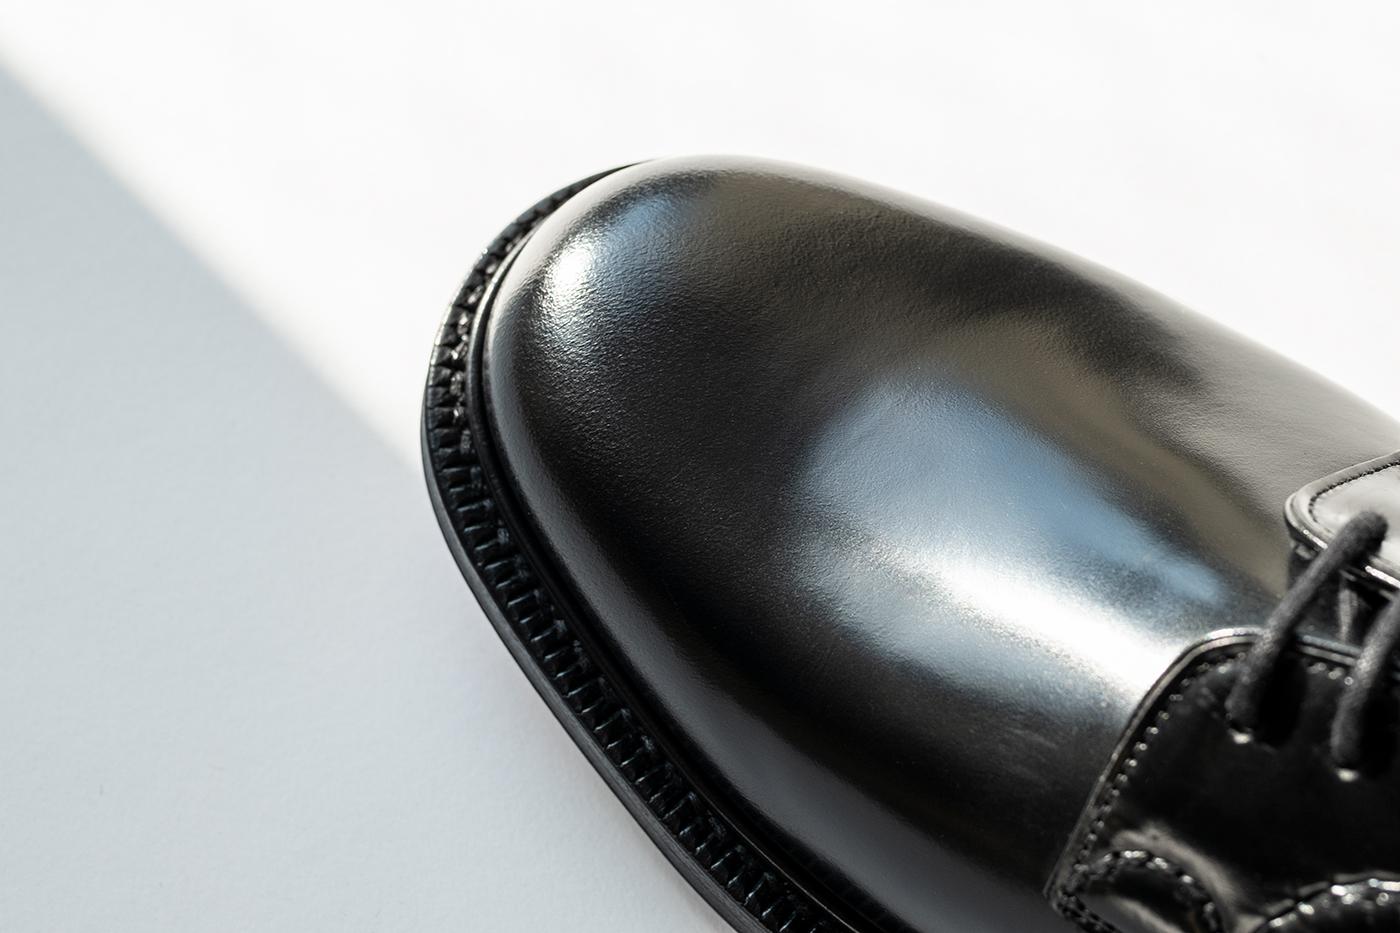 チャーチ シャノンのアッパーにはポリッシュドバインダーカーフを採用